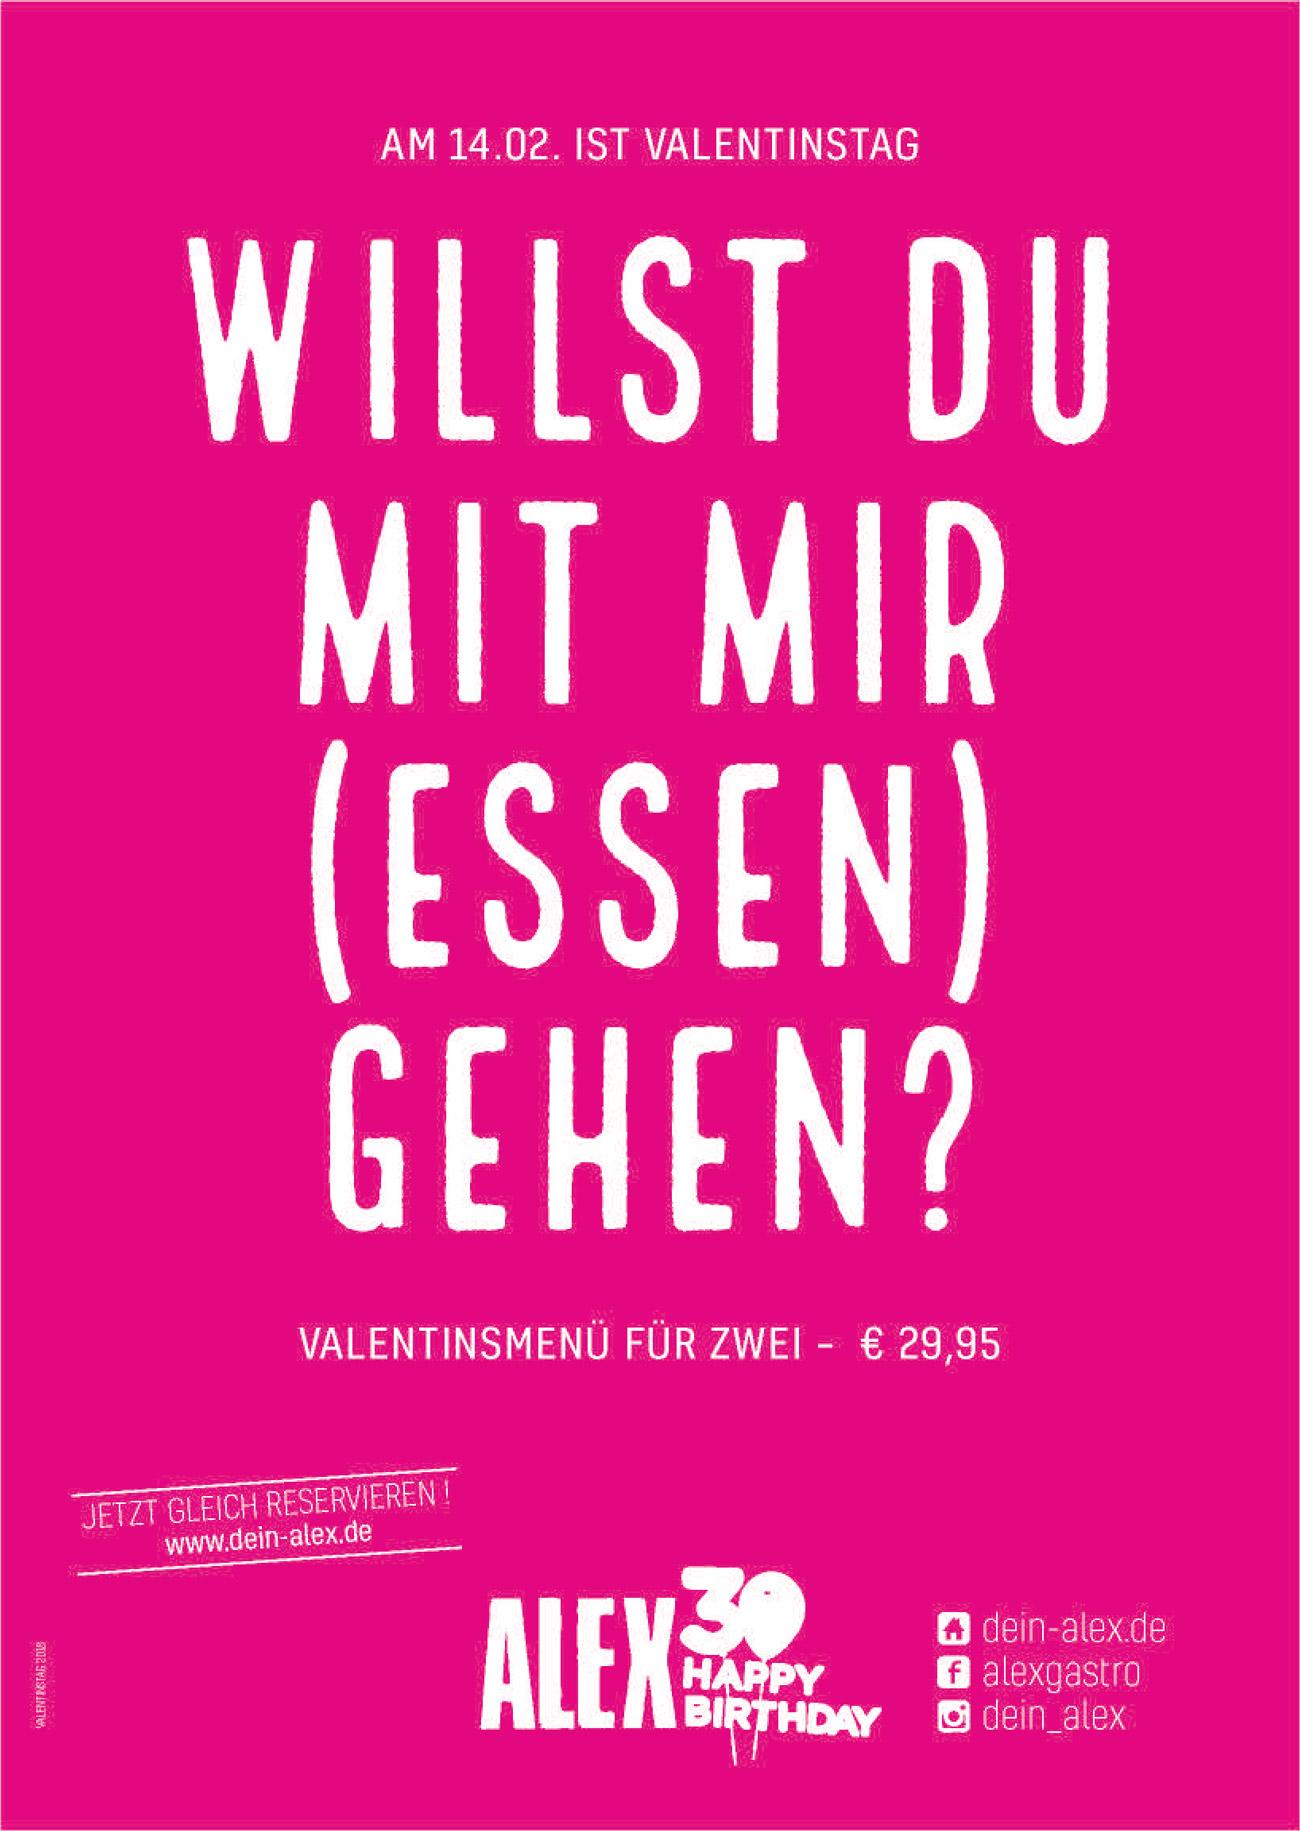 Valentinstag Plakat mit Birthday Logo